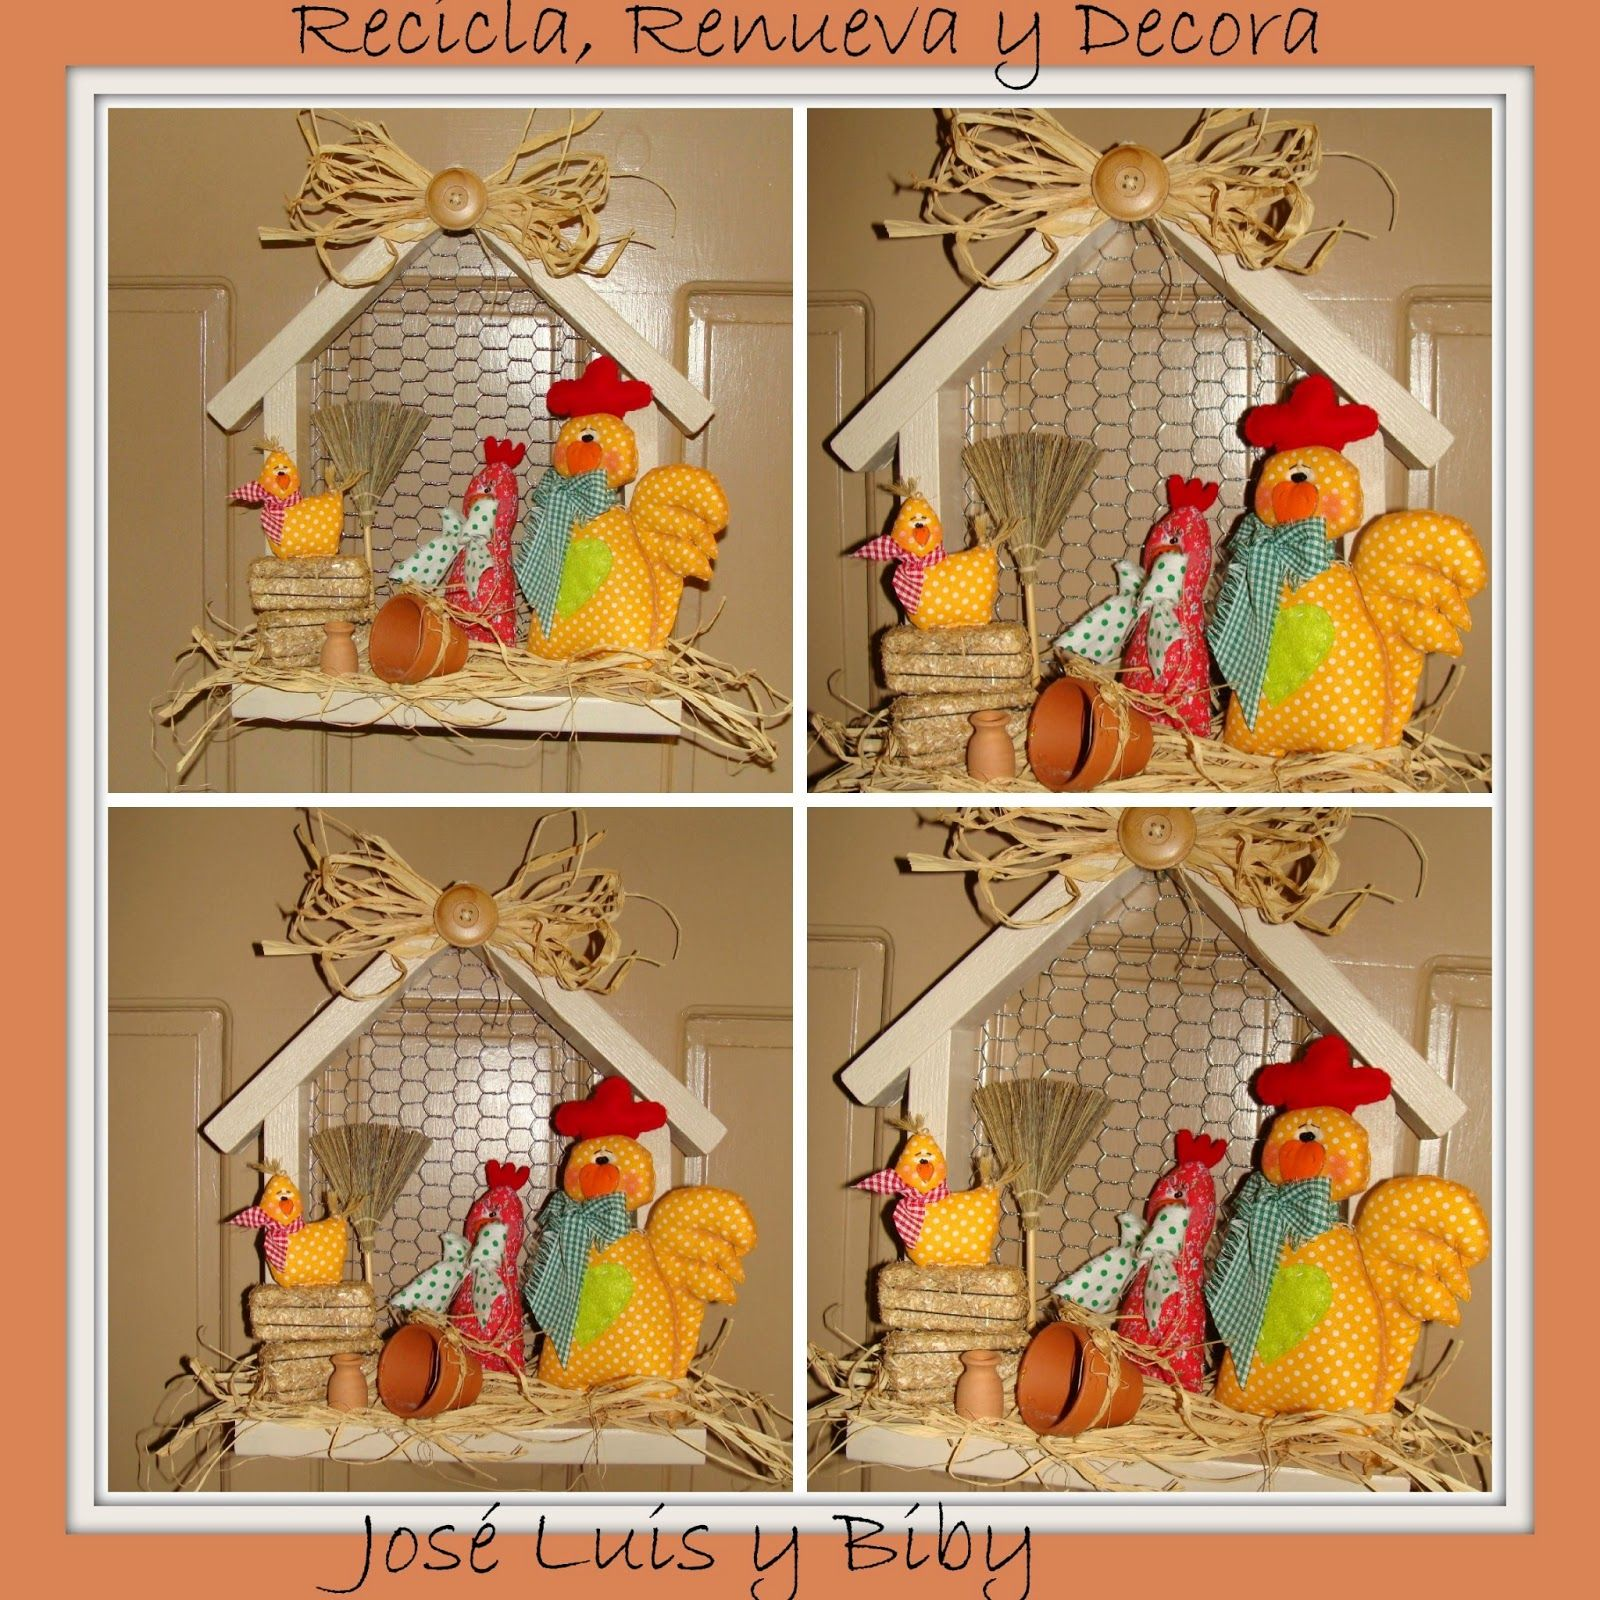 Recicla renueva y decora con jos luis y biby adorno - Recicla y decora ...